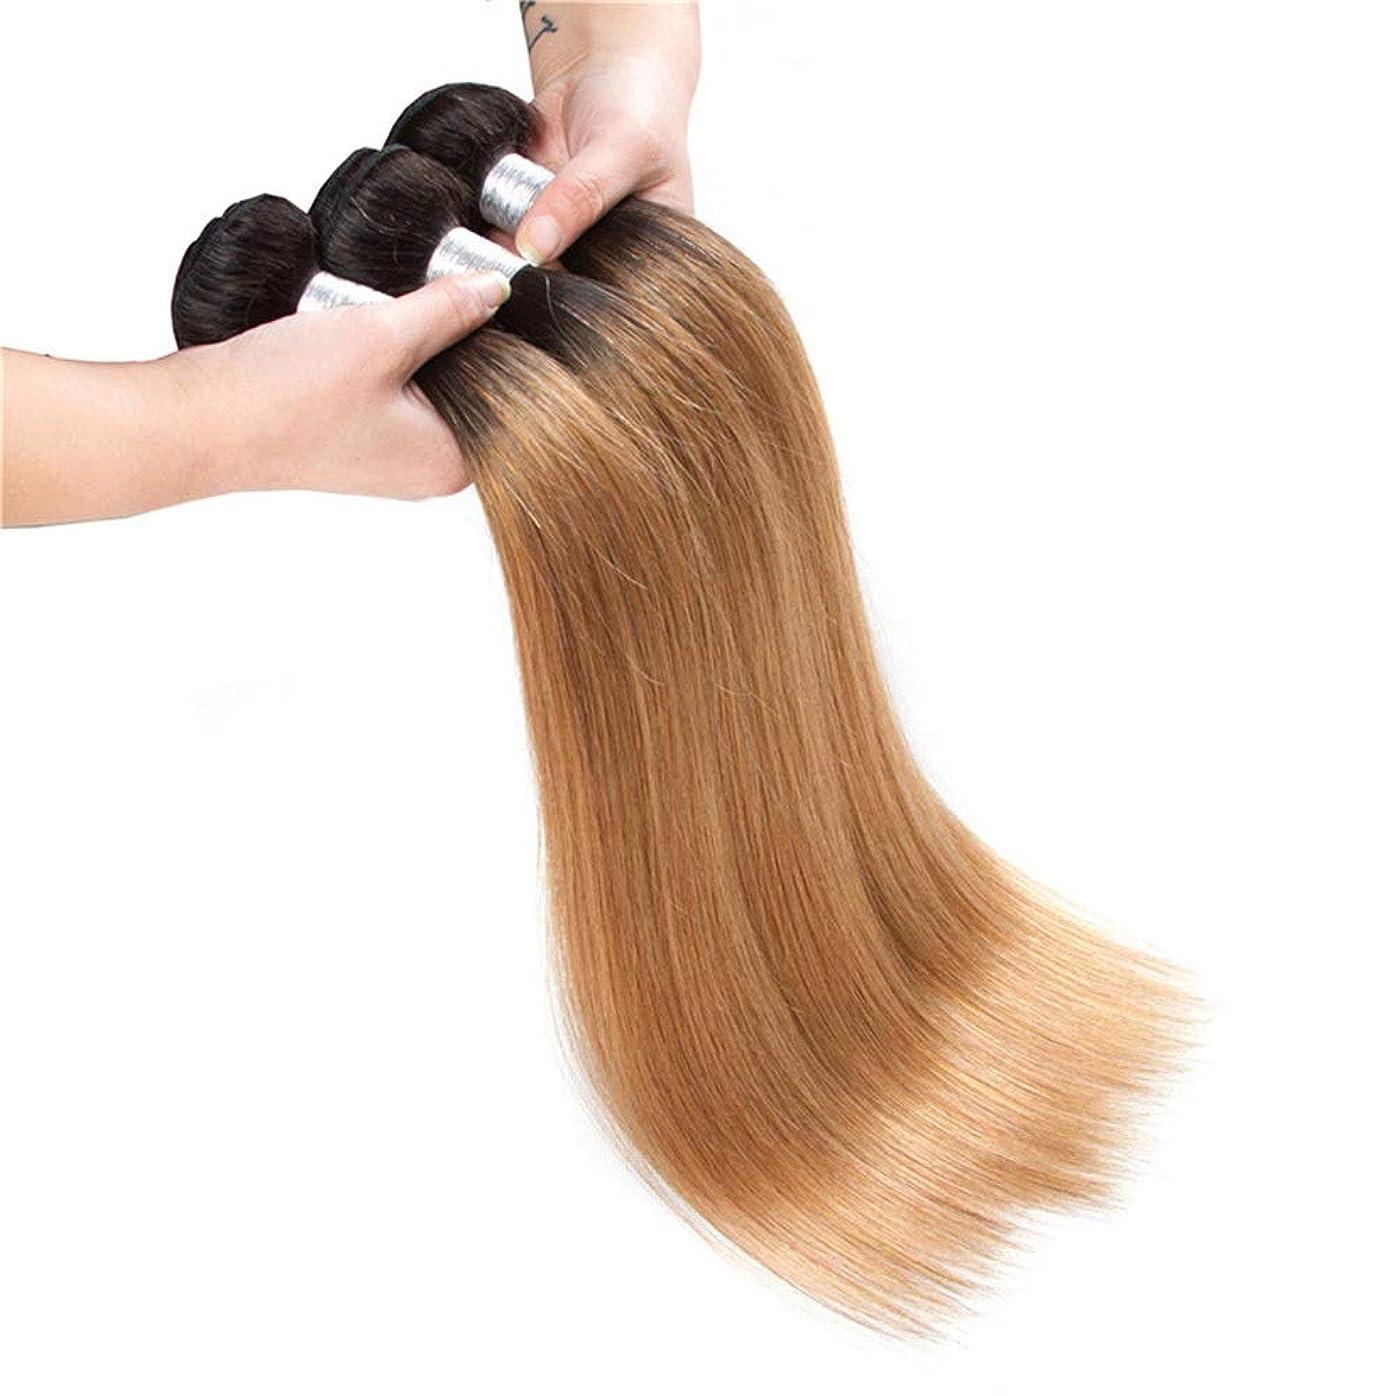 正午カレッジスピリチュアルHOHYLLYA 100%のremy人間の髪のよこ糸の延長10インチ26インチ1バンドルカラー1B / 27黒から茶色への2色カラーブラウンかつらロングブラウンかつらかつら (色 : ブラウン, サイズ : 18 inch)